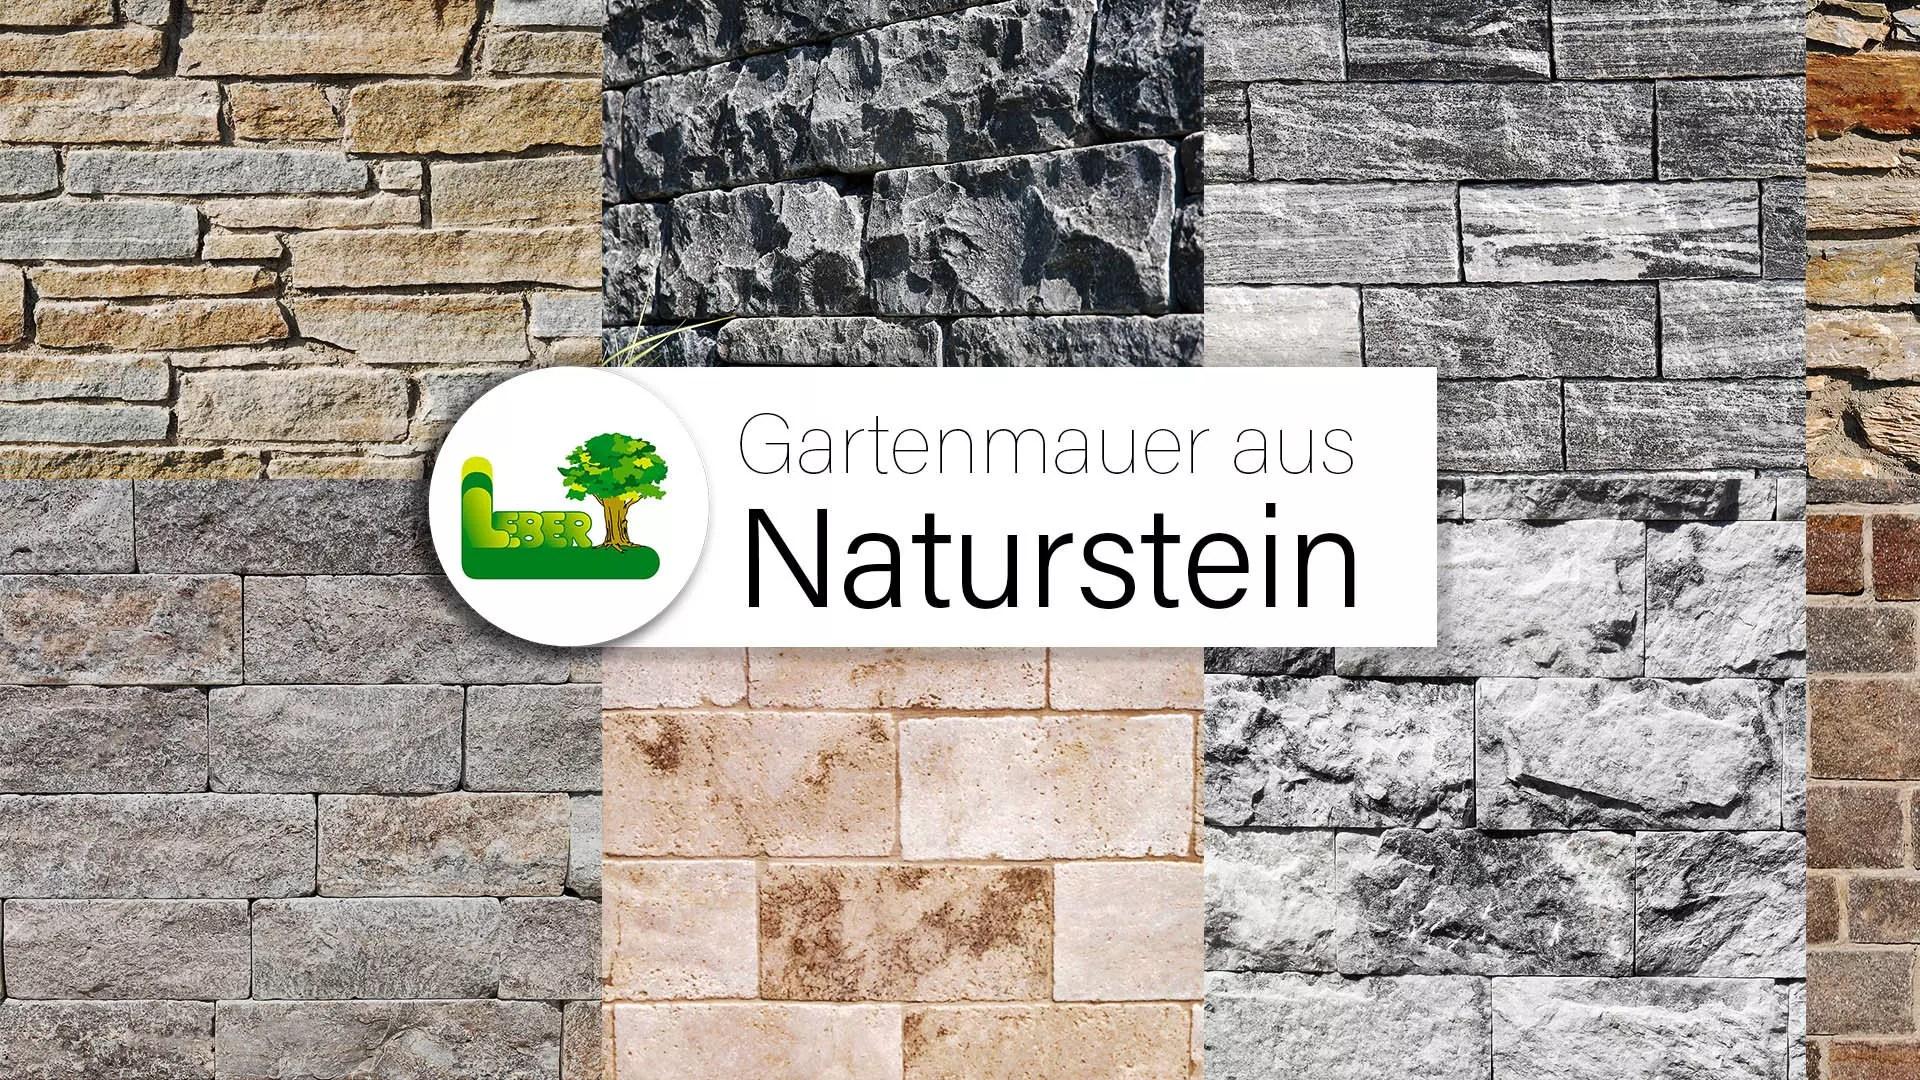 -Die perfekte Ergänzung in Ihrem Garten. Eine Gartenmauer aus Natursteinen.